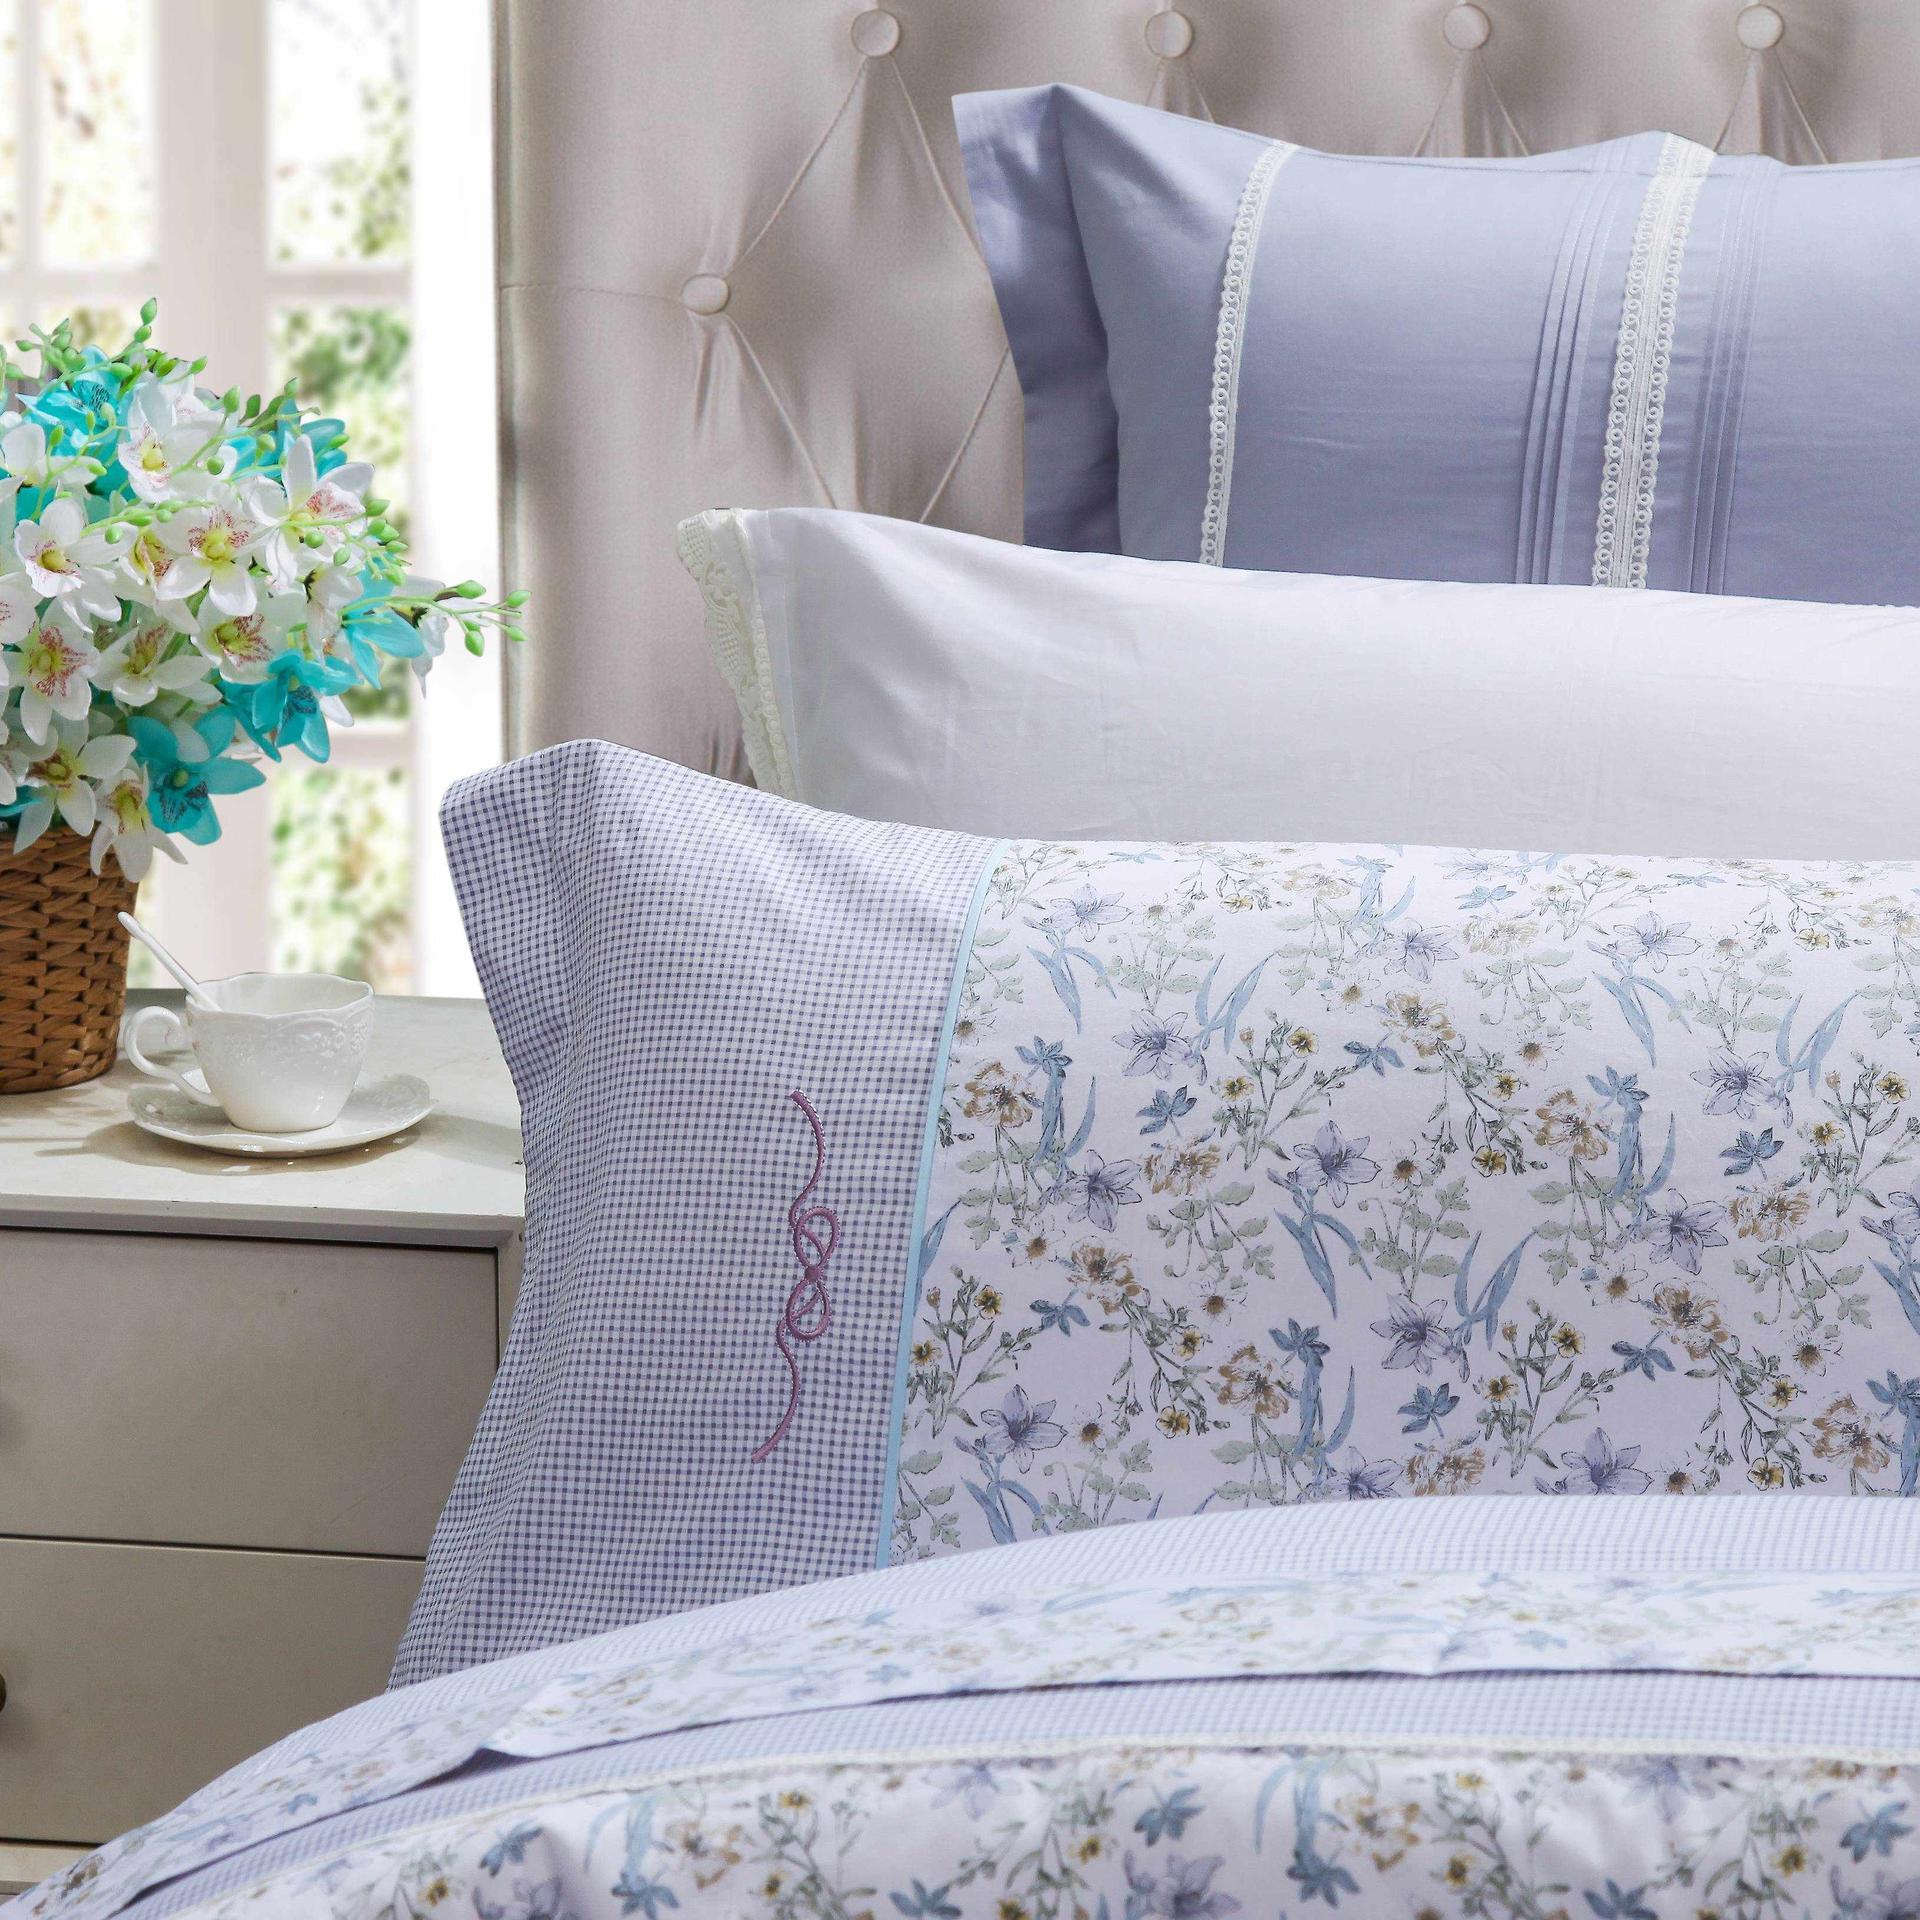 Floral Prints Cotton Duvet Cover Set